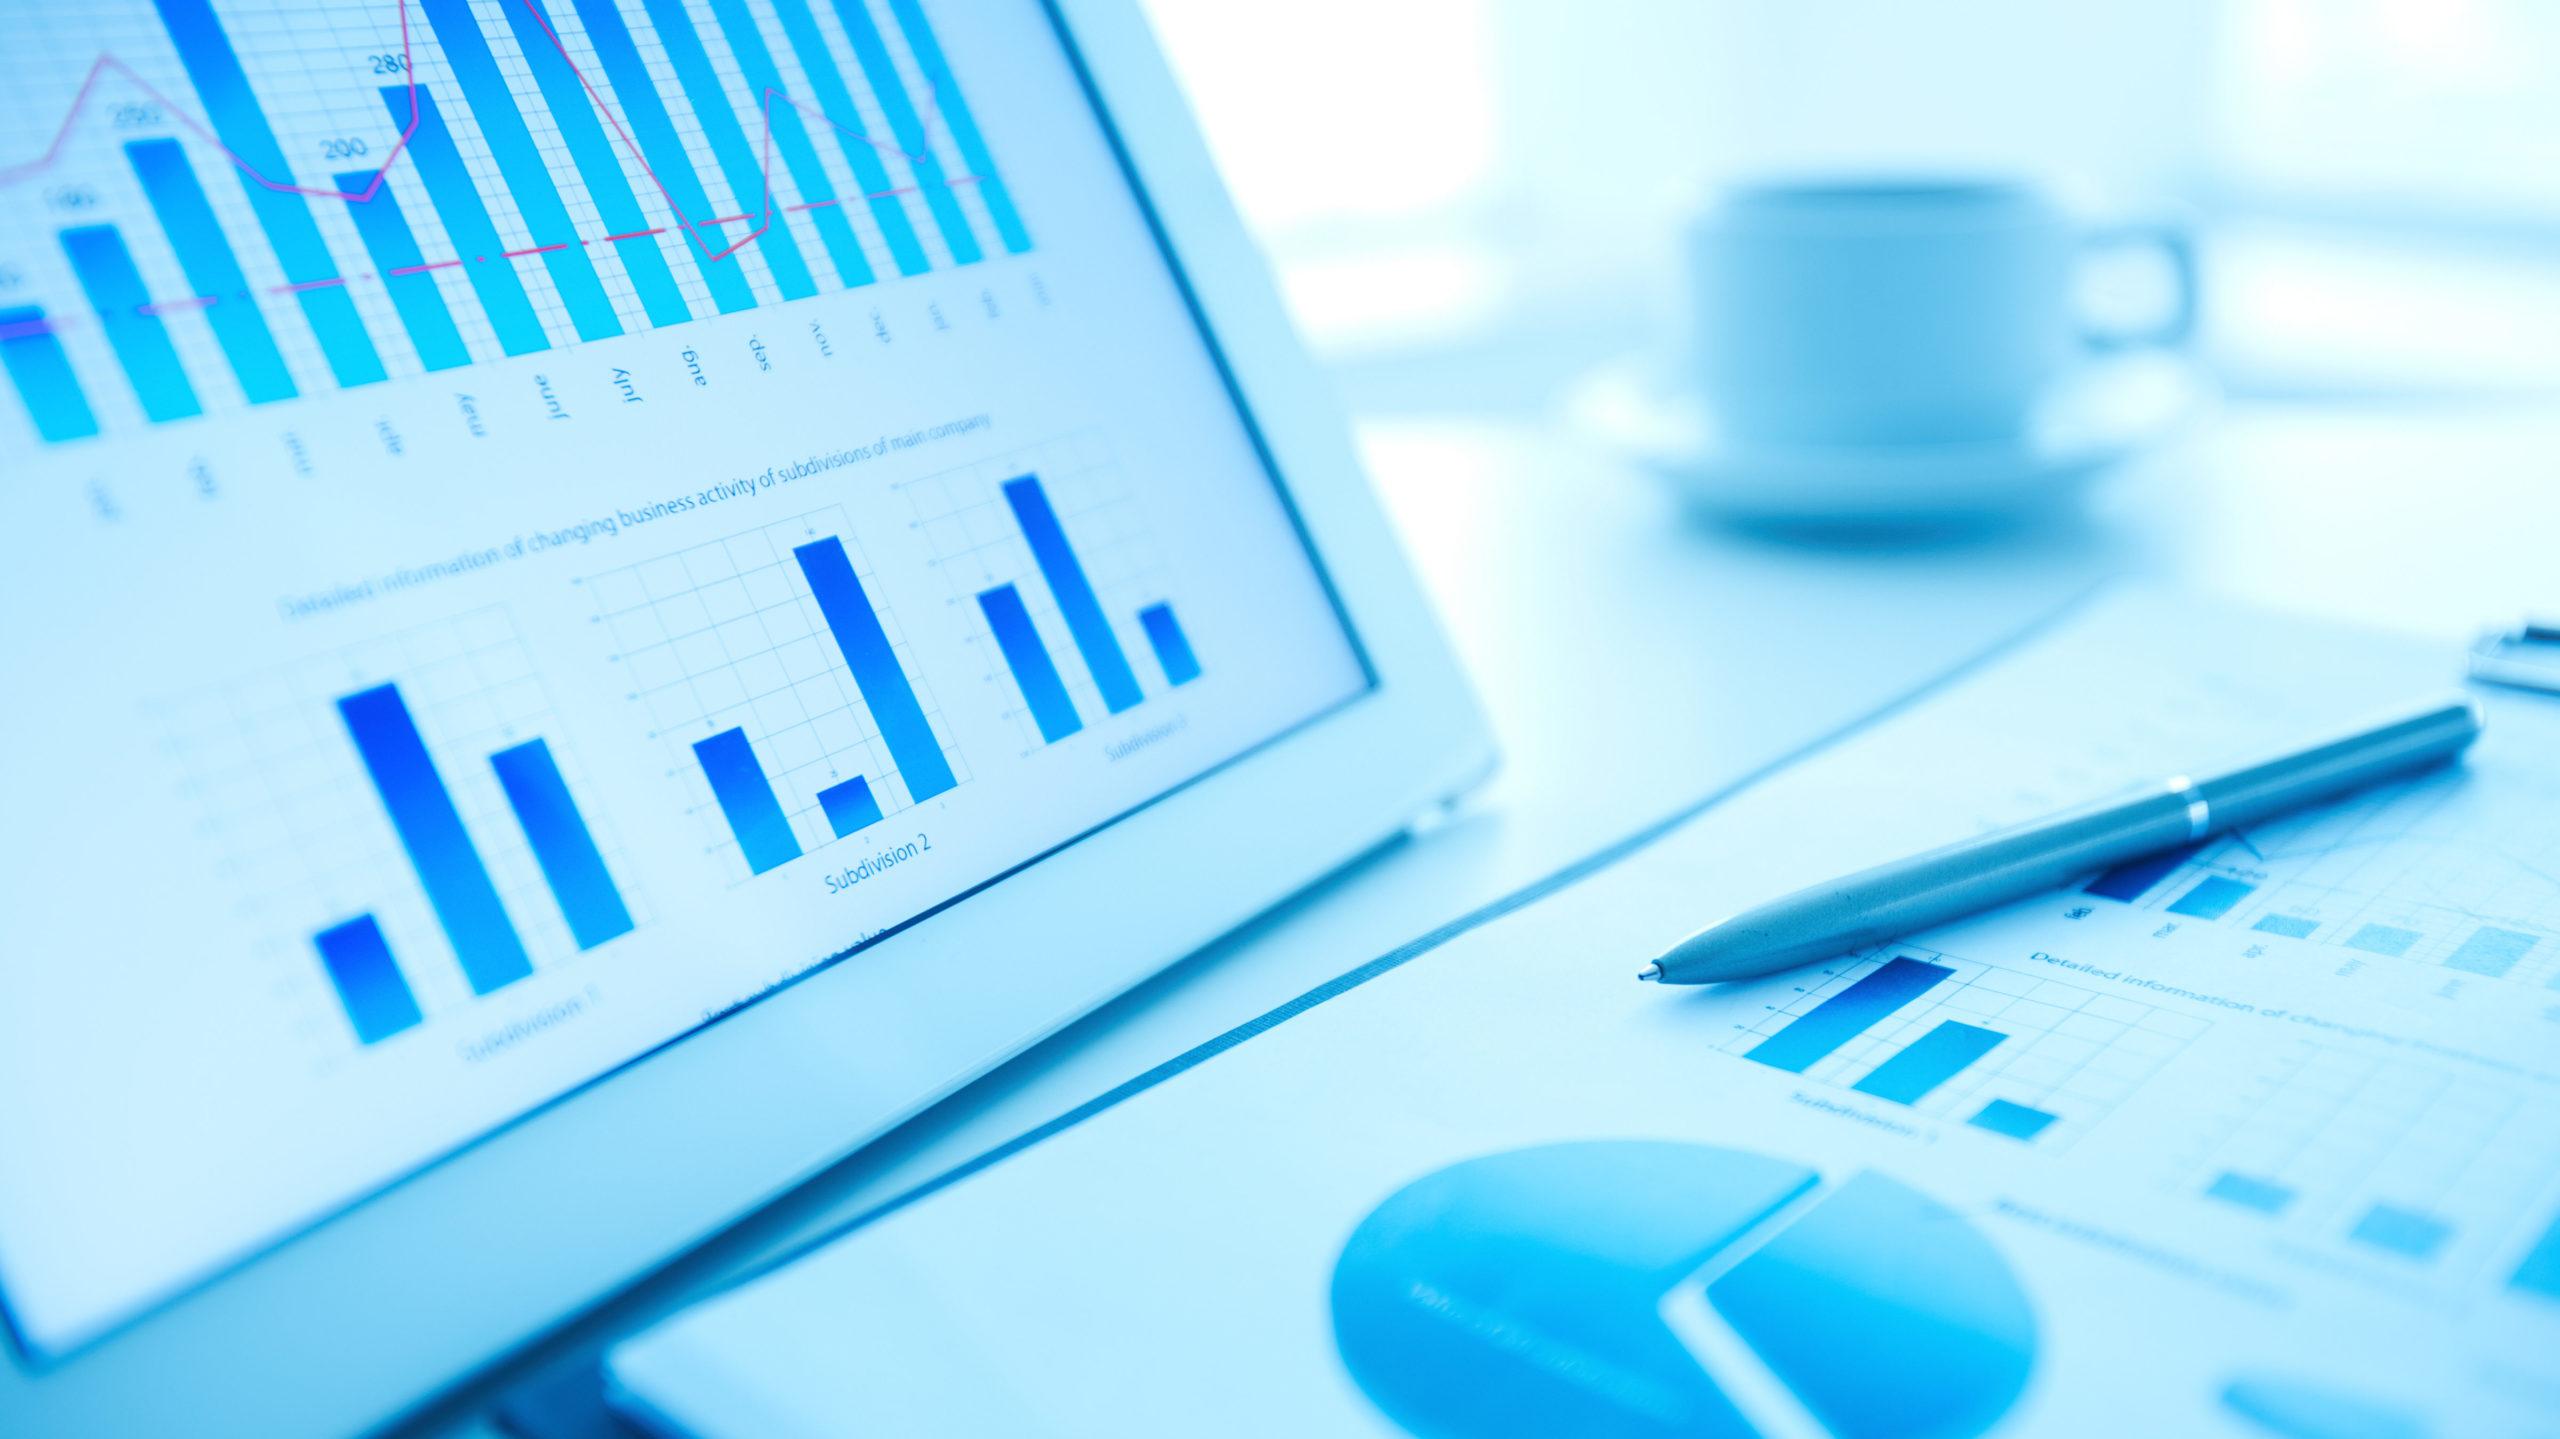 tablette et graphique papier avec courbe financière. illustre broker.